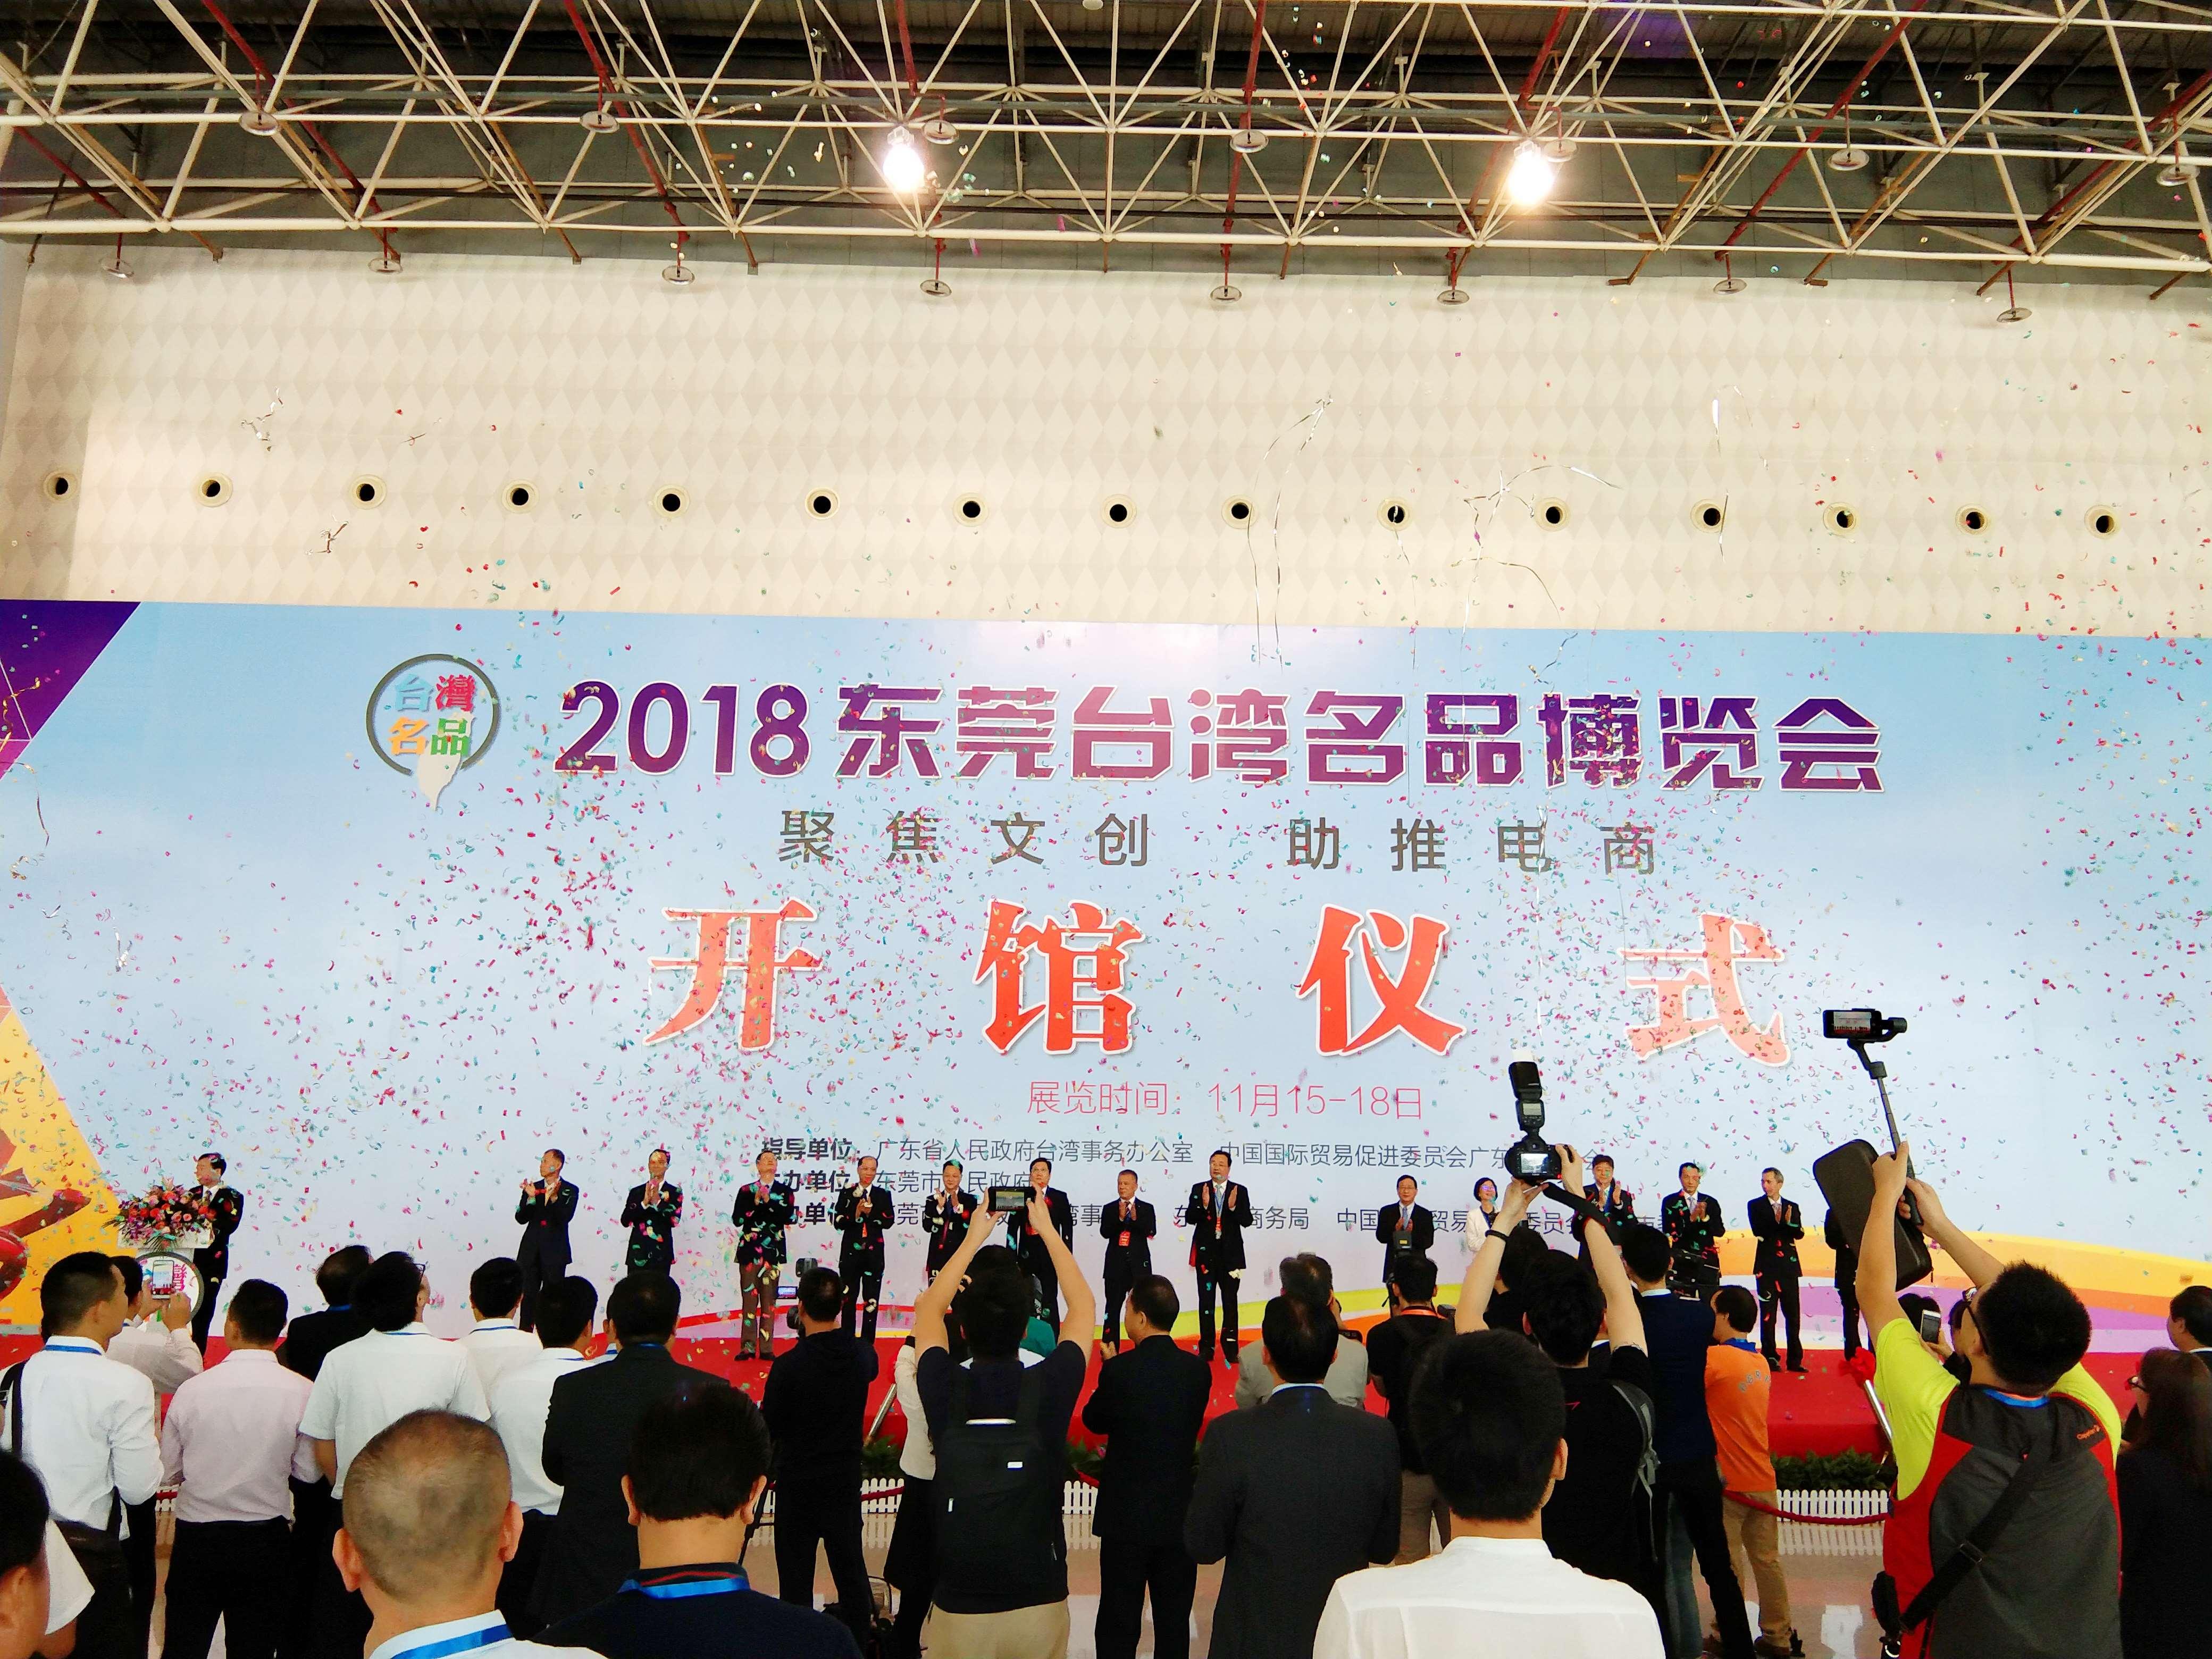 """2019东莞台博会将于10月25日开幕---穿越过去、现在与未来,打造""""不一样的台博会"""""""